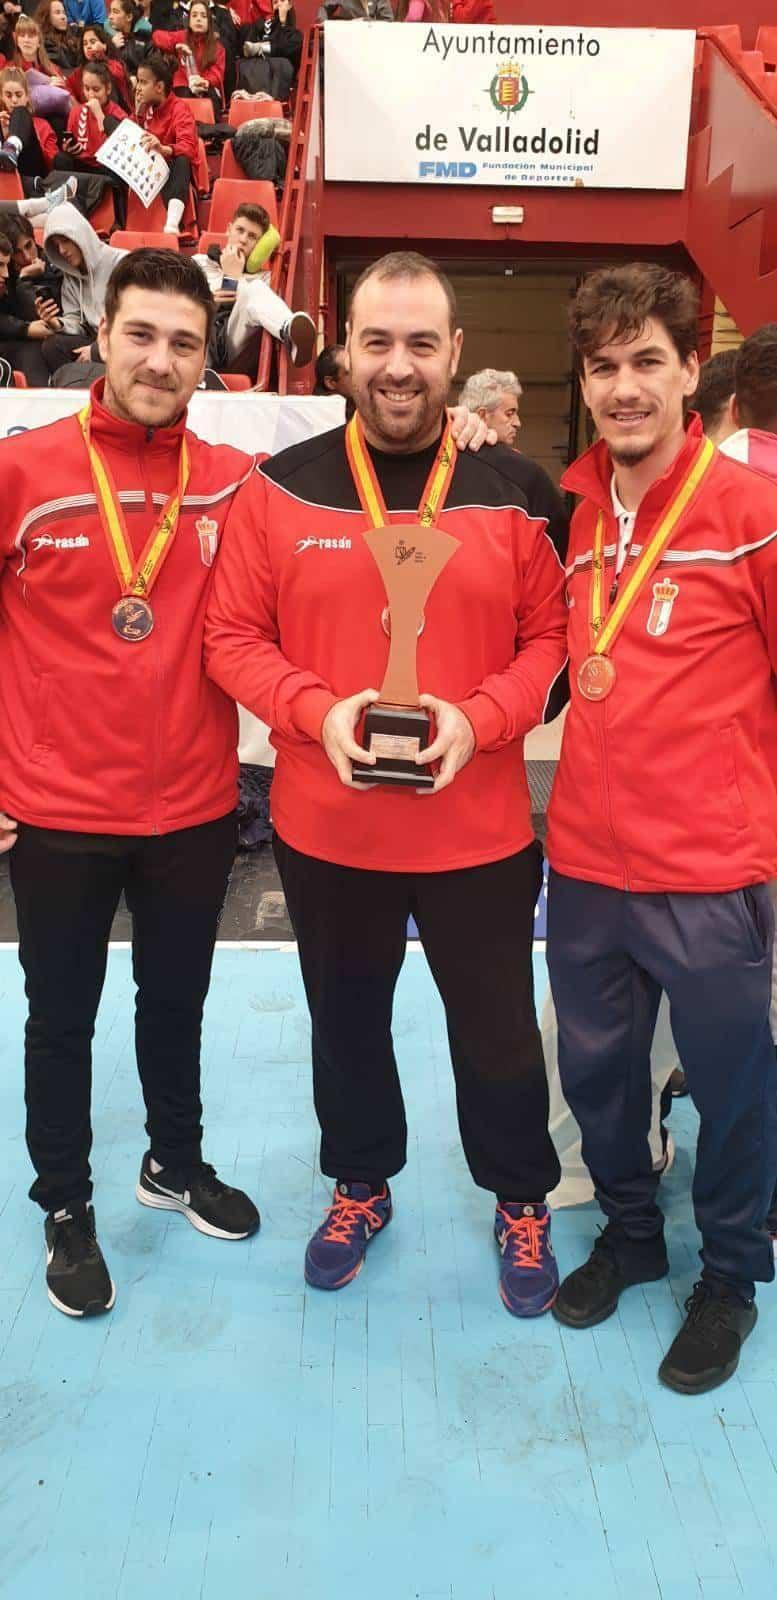 campeonato espana balonmano terriorial - Enhorabuena a los herencianos por sus éxitos en la Copa de España de balonmano